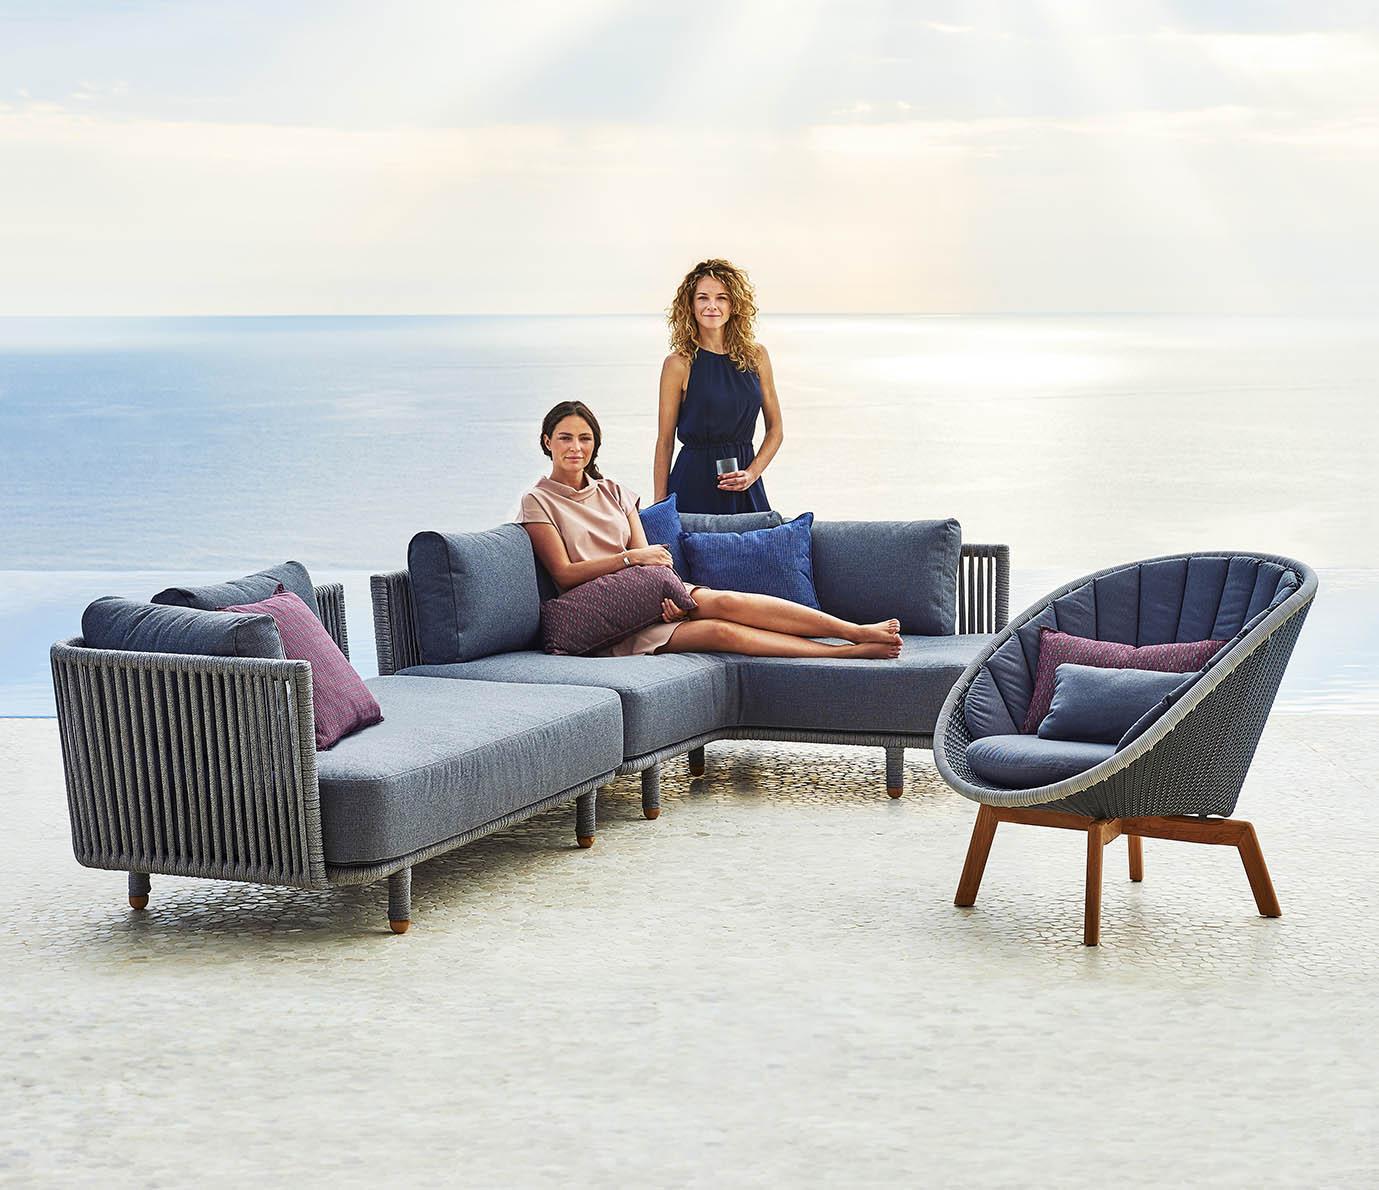 Moments soffa och Peacock fåtölj från Cane-Line.